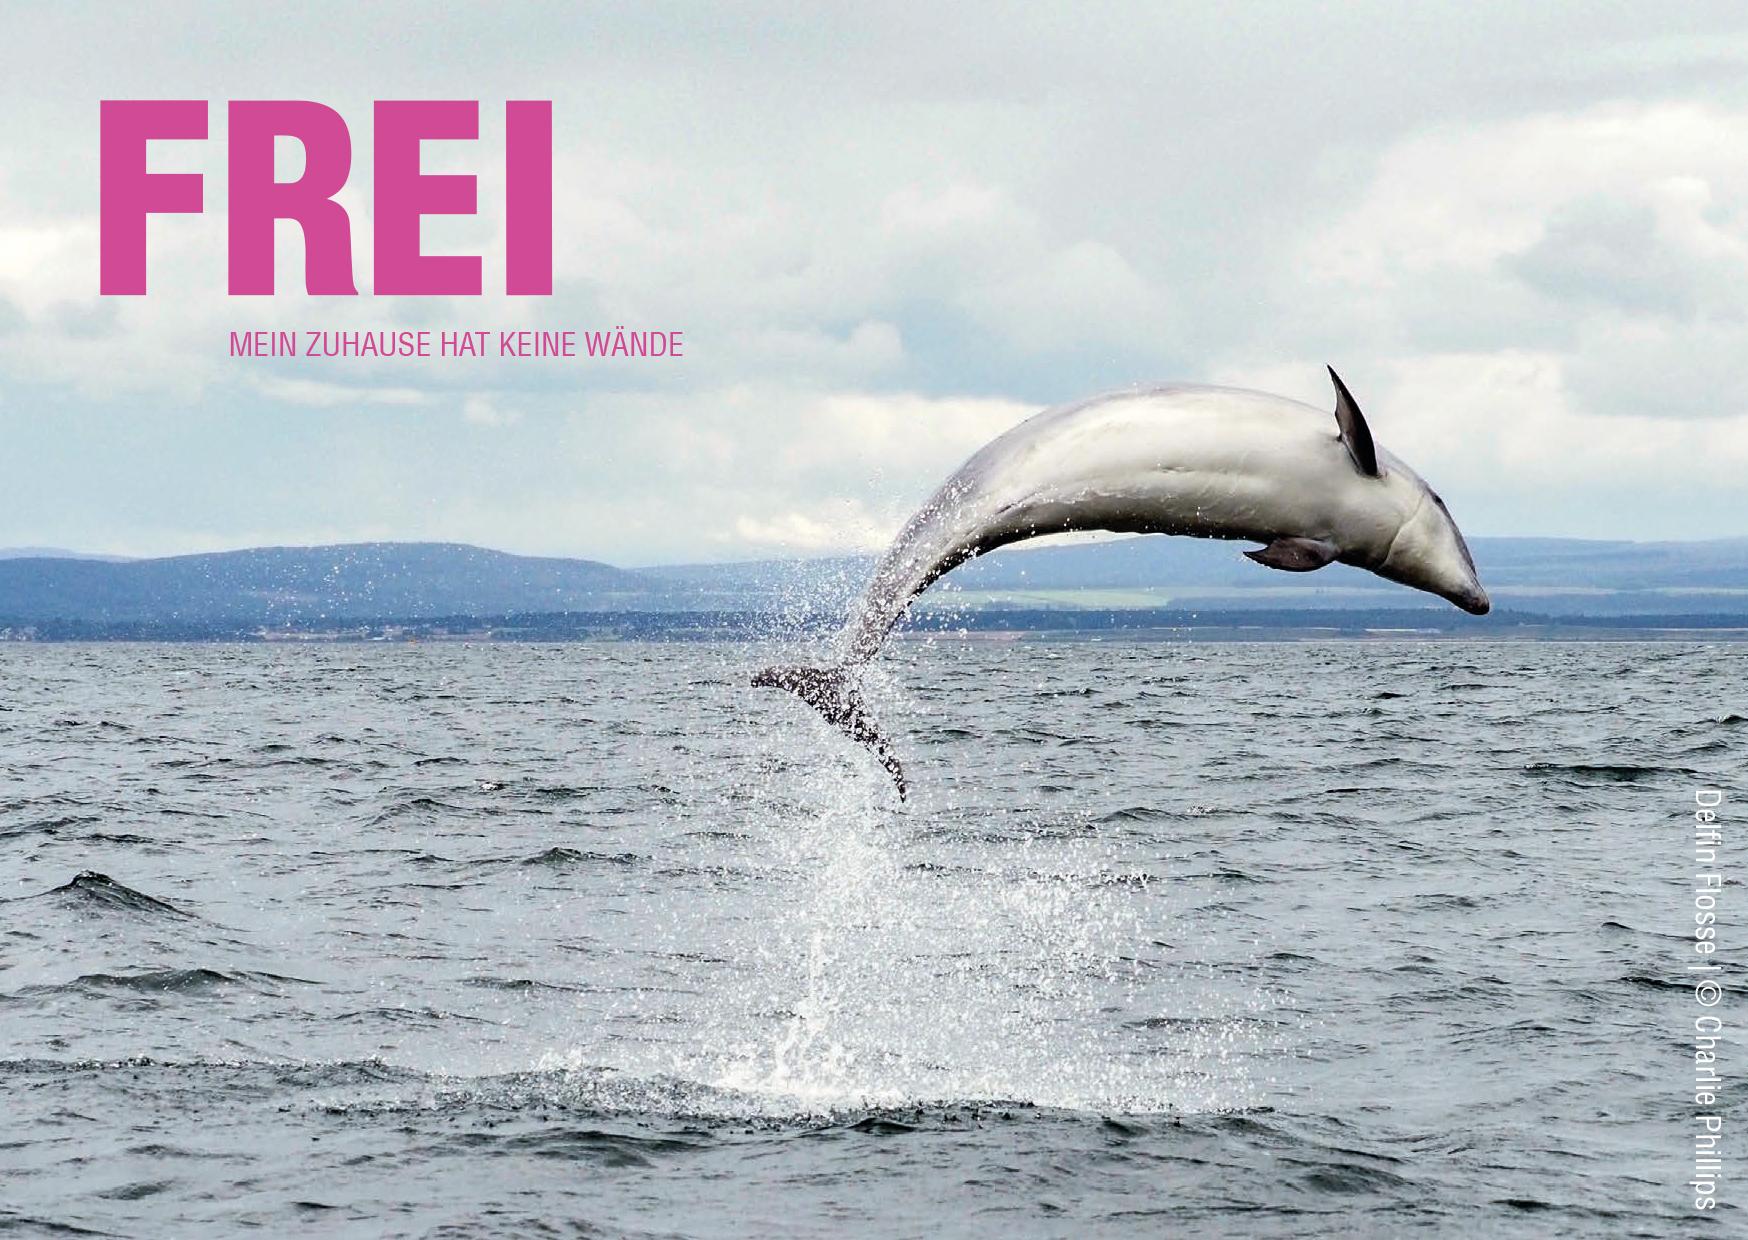 Ein Delfin springt aus einem offenen Meer. In der oberen Ecke des Bildes steht der Text: Frei, mein Zuhause hat keine Wände